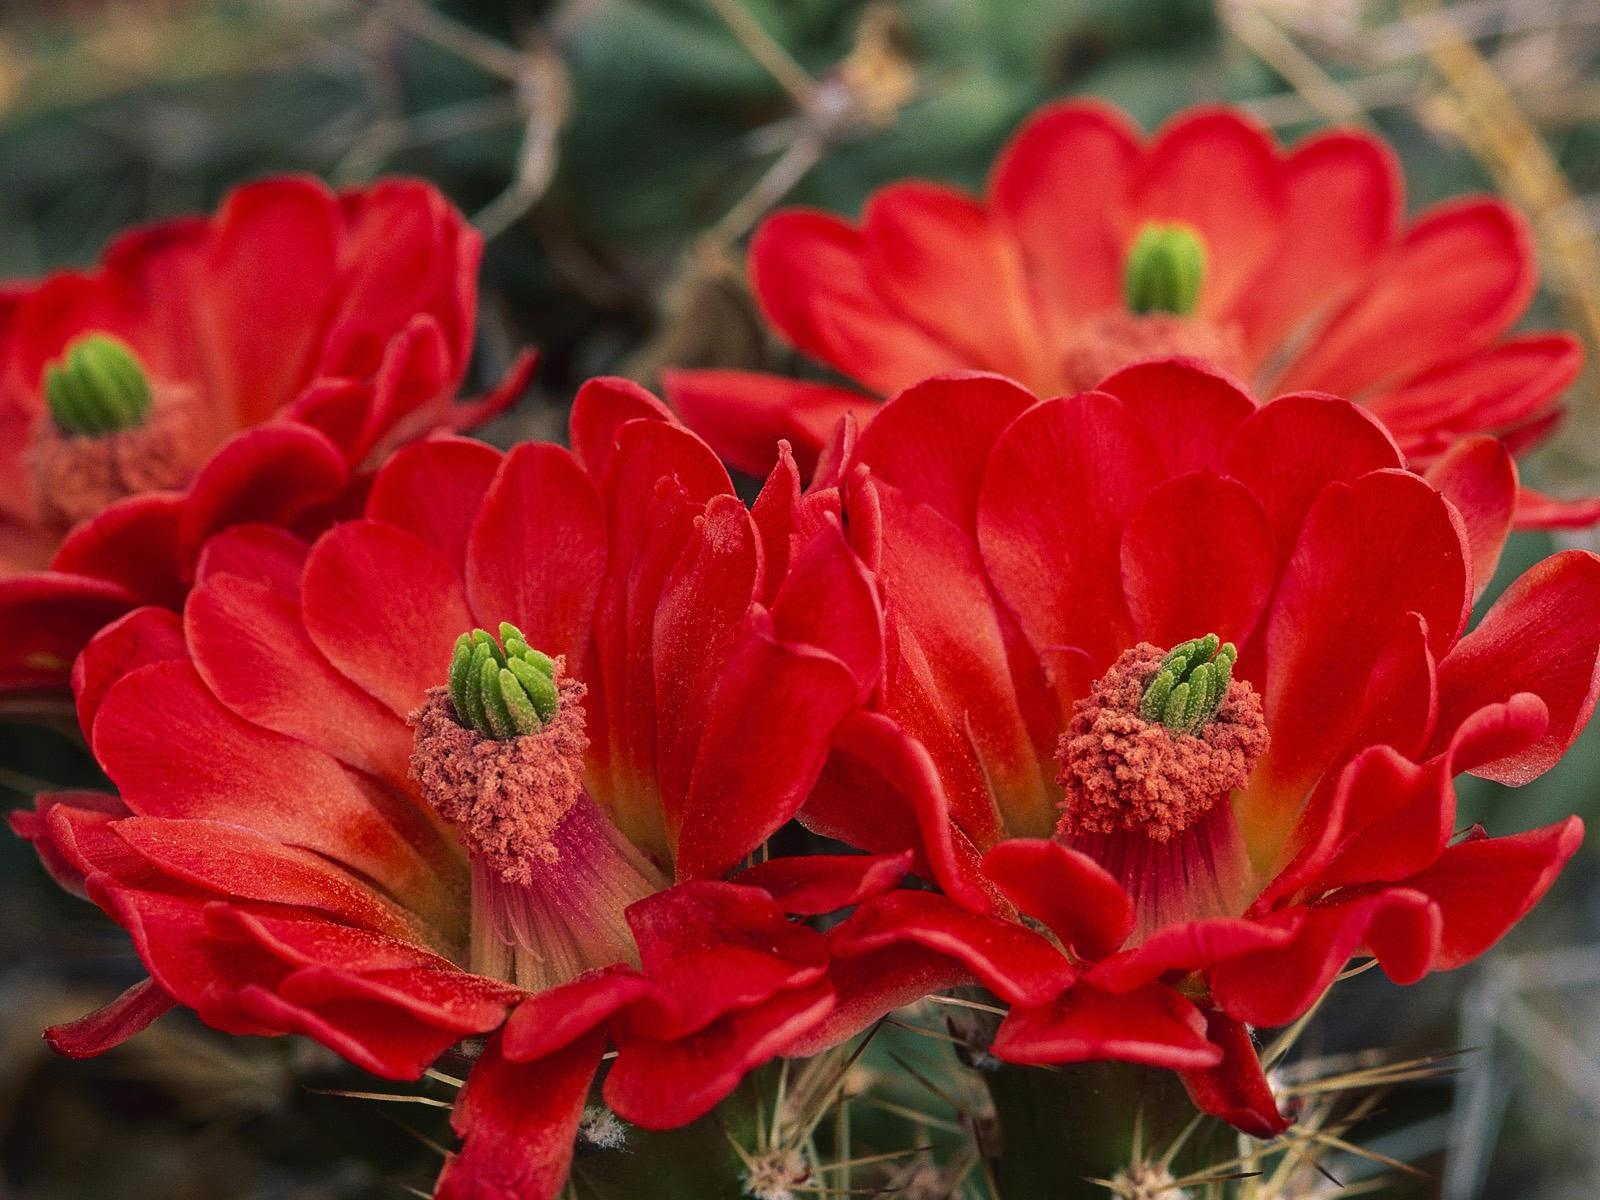 Cactus_Flowers-20141.jpg